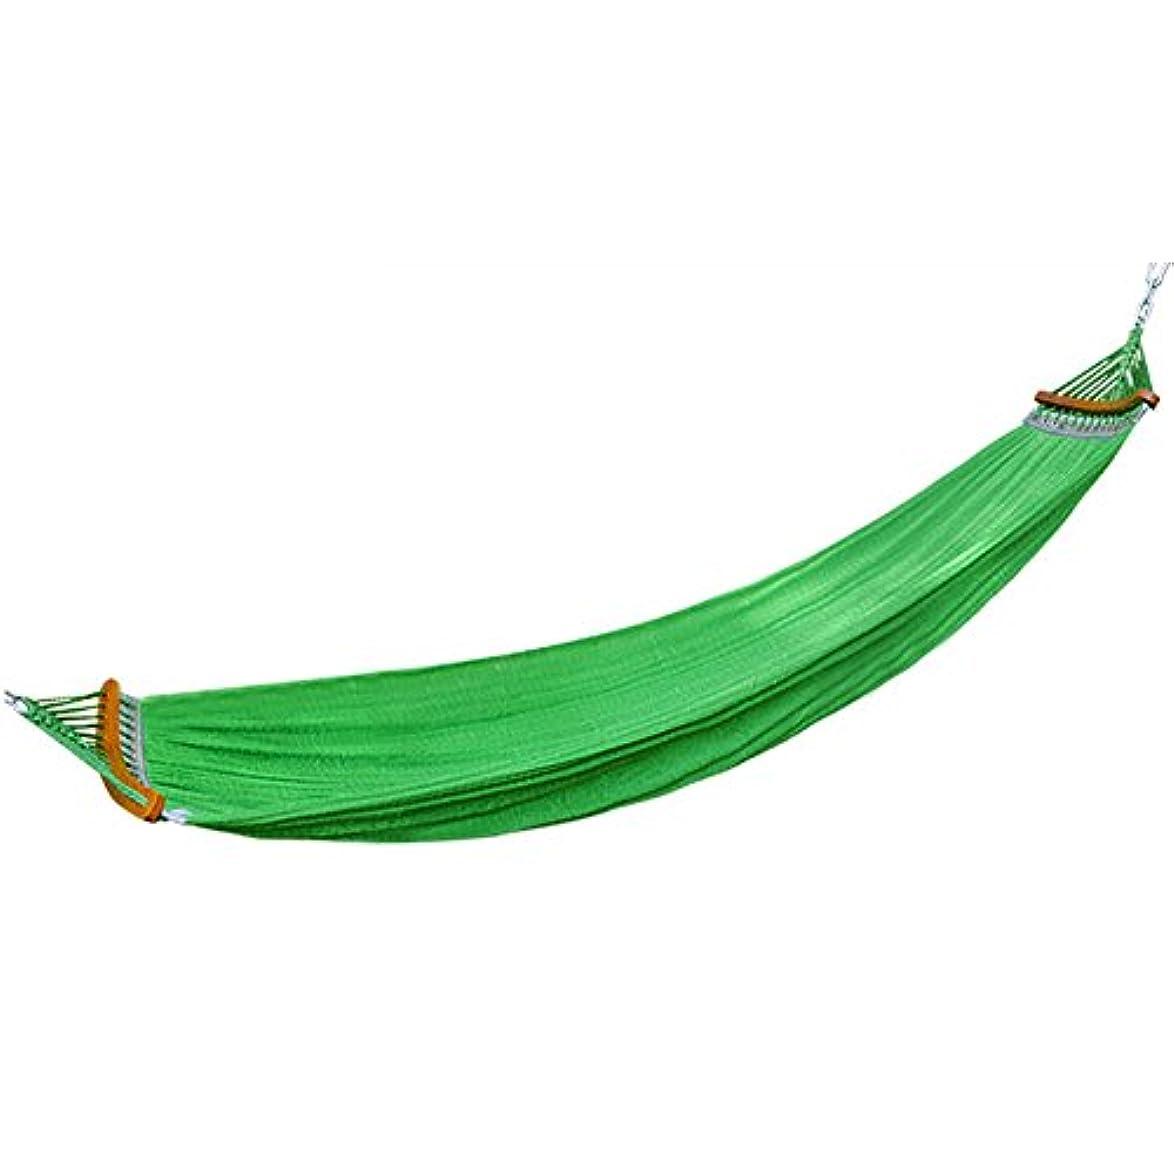 飛ぶ鉄ニュージーランドQFFL diaochuang ハンモックナイロンロープ通気性メッシュハンモック室内?屋外ダブル快適レジャーハンモック安定したアンチロールオーバーハンモック (色 : Green)